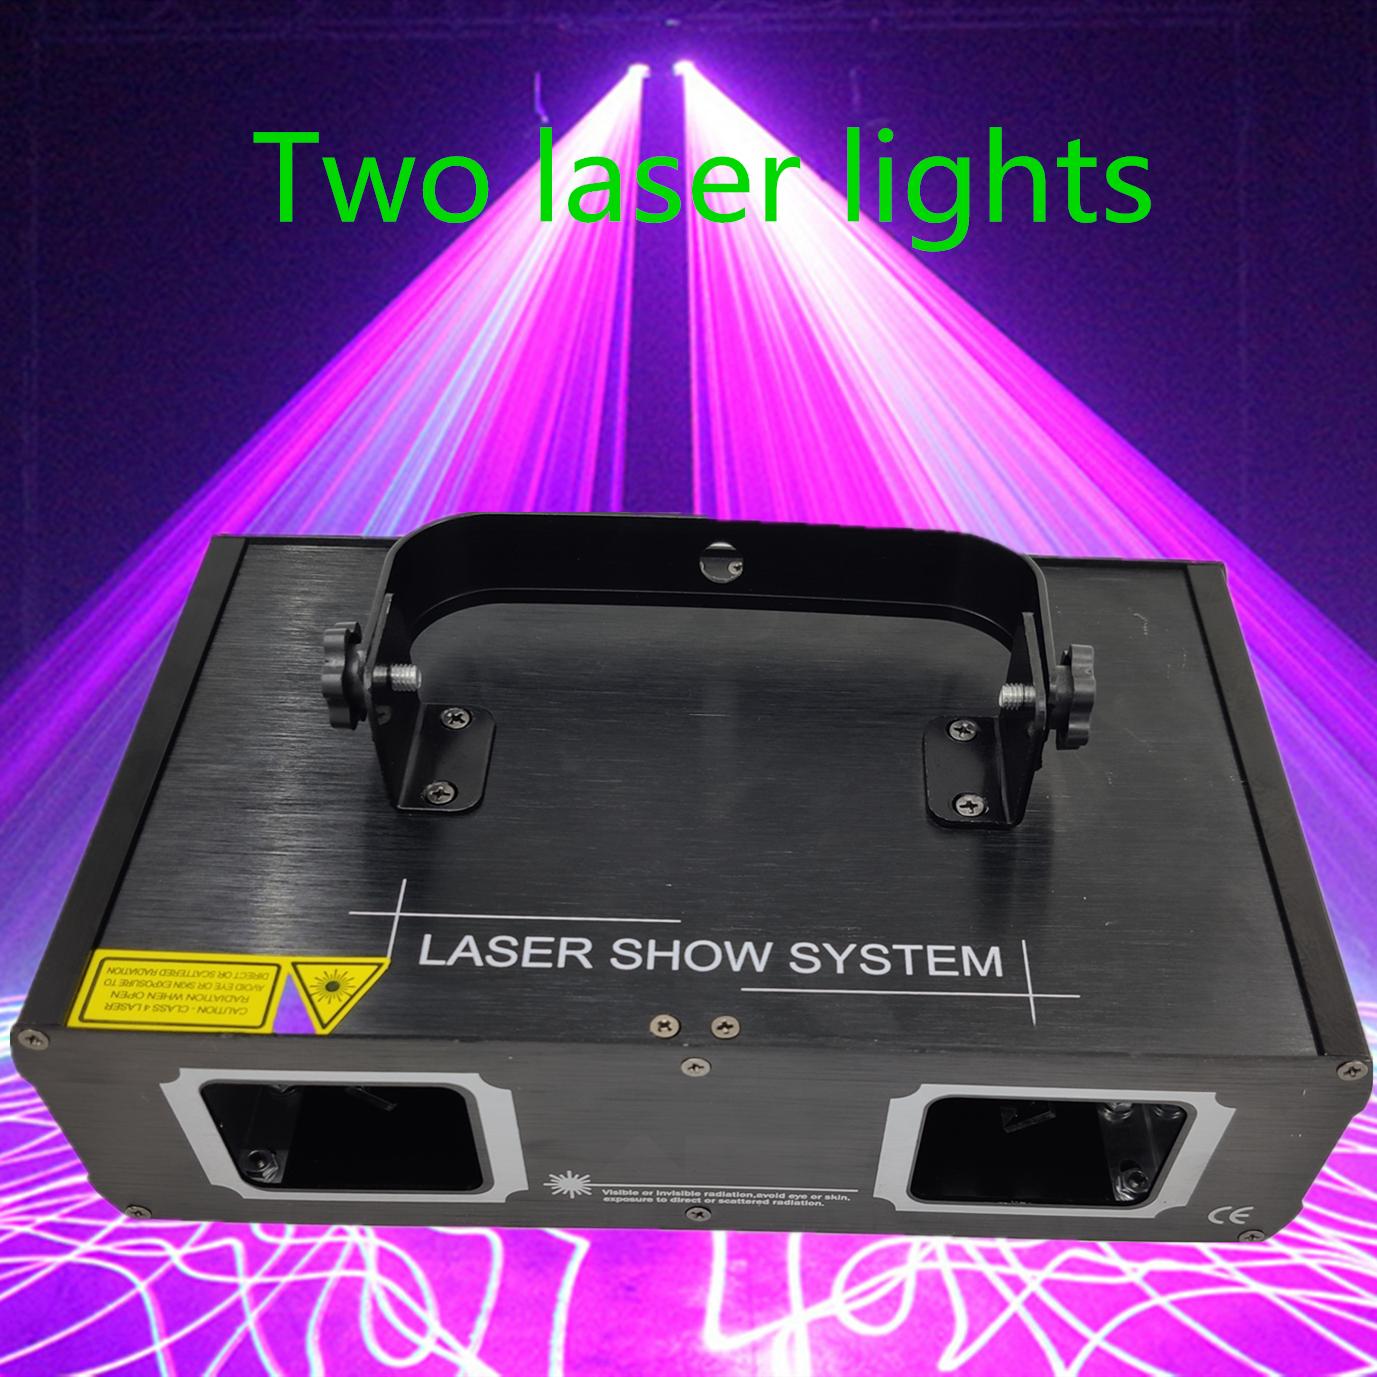 Фабричная розетка Лазерная лампа 2 головы лазер двойной отверстие сценический эффект DMX512 Освещение для DJ диско вечерние KTV ночной клуб и тан...